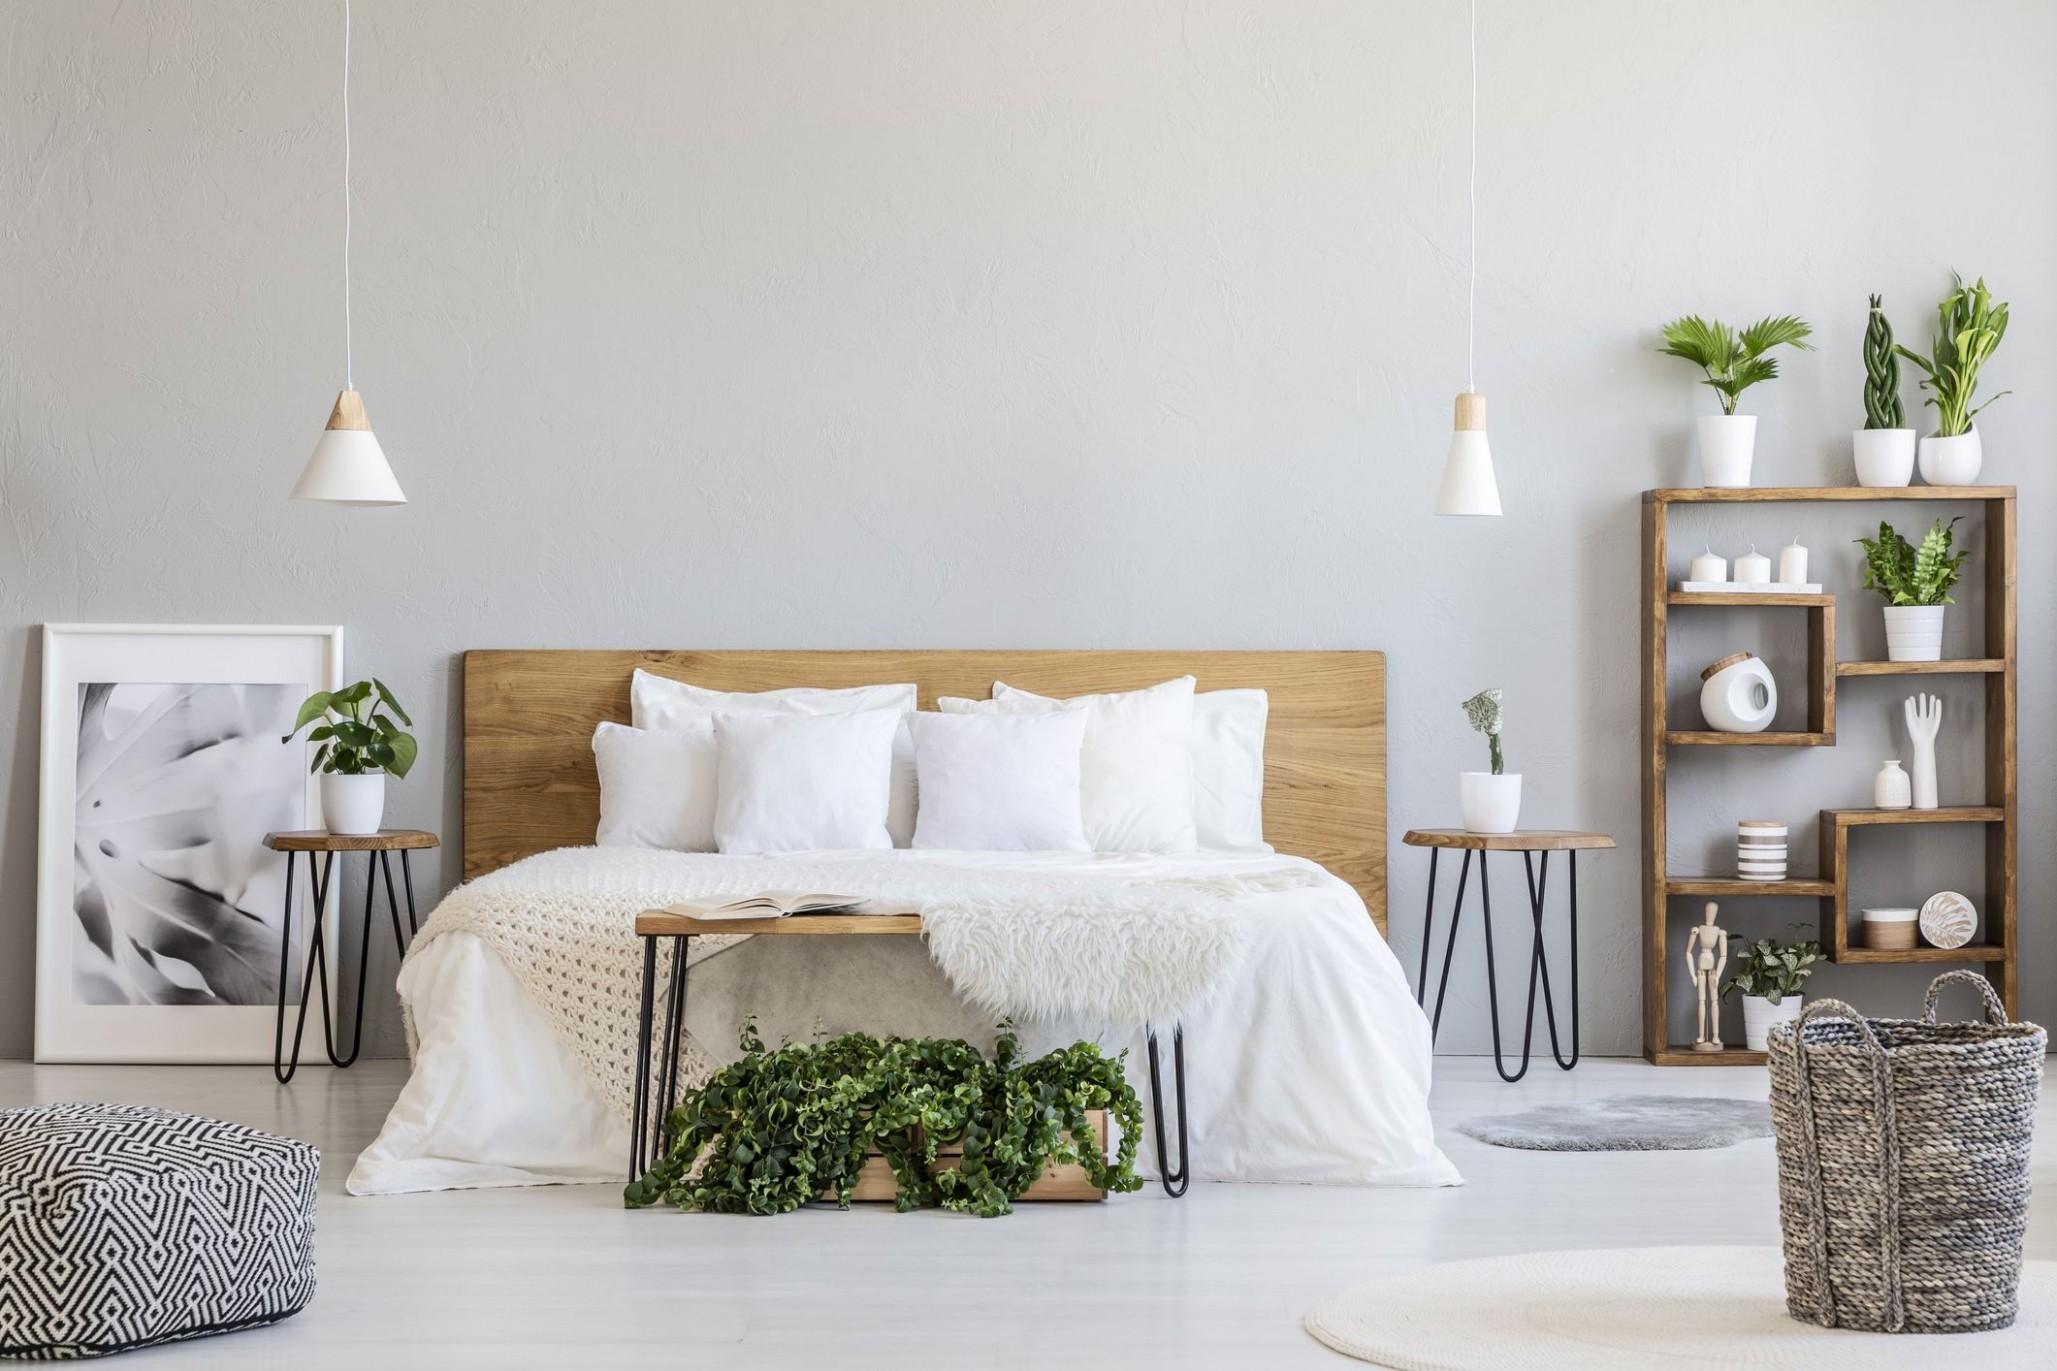 9 DIY Headboard Ideas - How to Make a Headboard - Bedroom Ideas Headboard